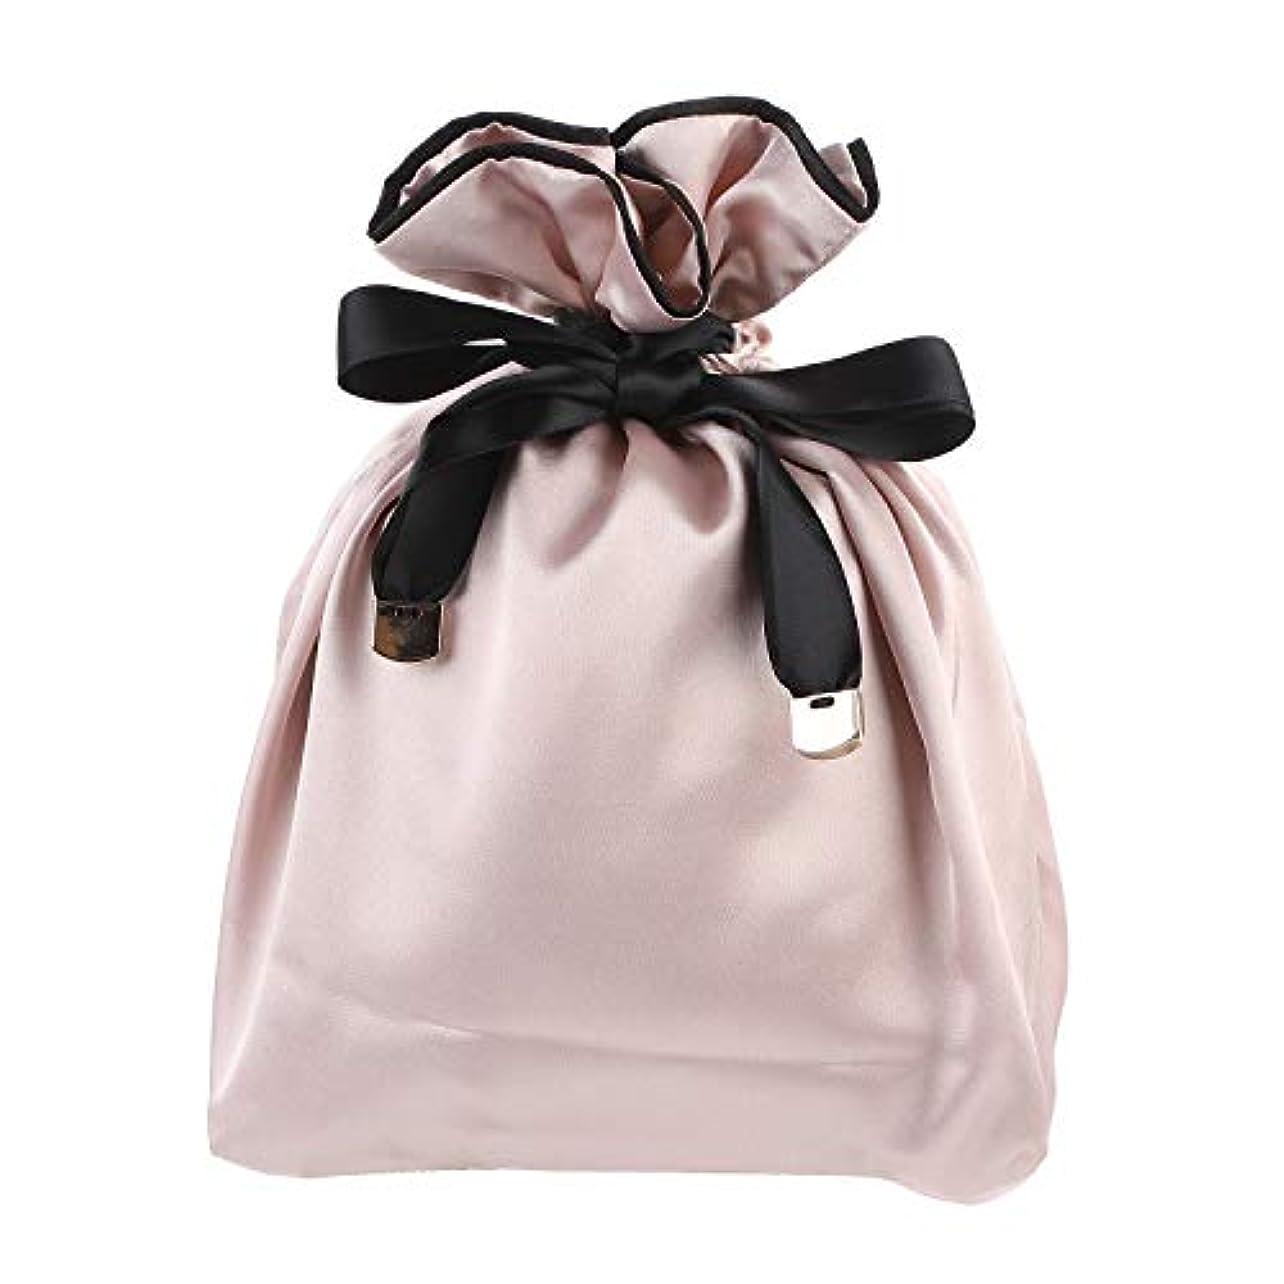 ディレクトリマートクマノミNEOVIVA 巾着 袋 女の子 化粧品ポーチ 小物入れ スベスベ 旅行 ギフト ピンク 巾着袋だけ